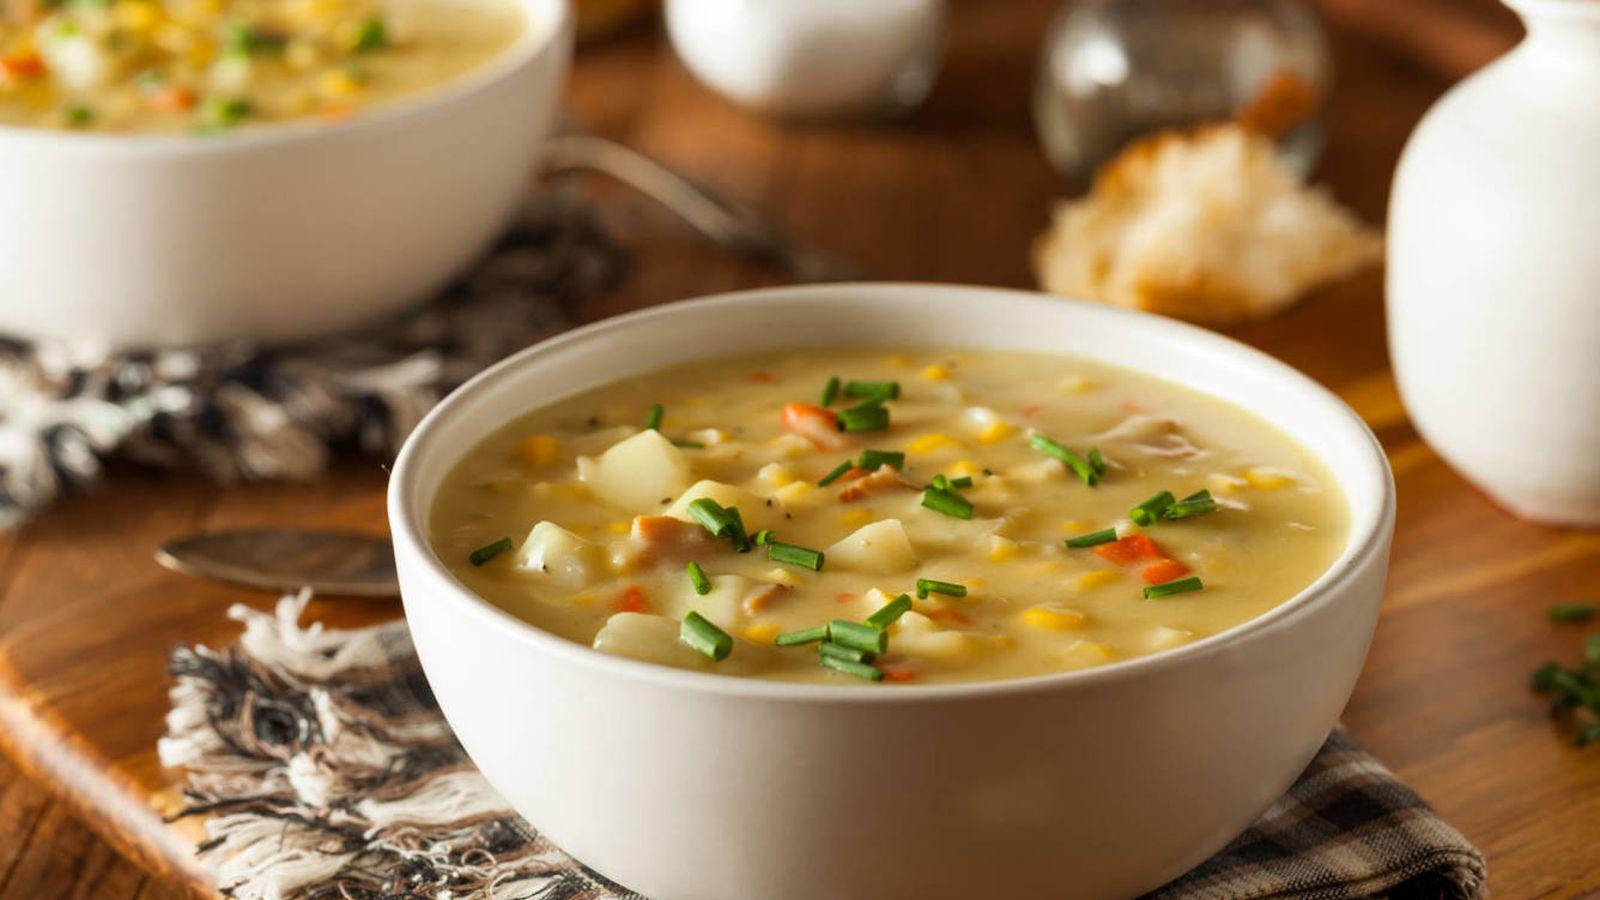 Alimentación La Sopa Quemagrasas El Caldo Milagroso Que Te Hará Perder 8 Kilos En Una Semana